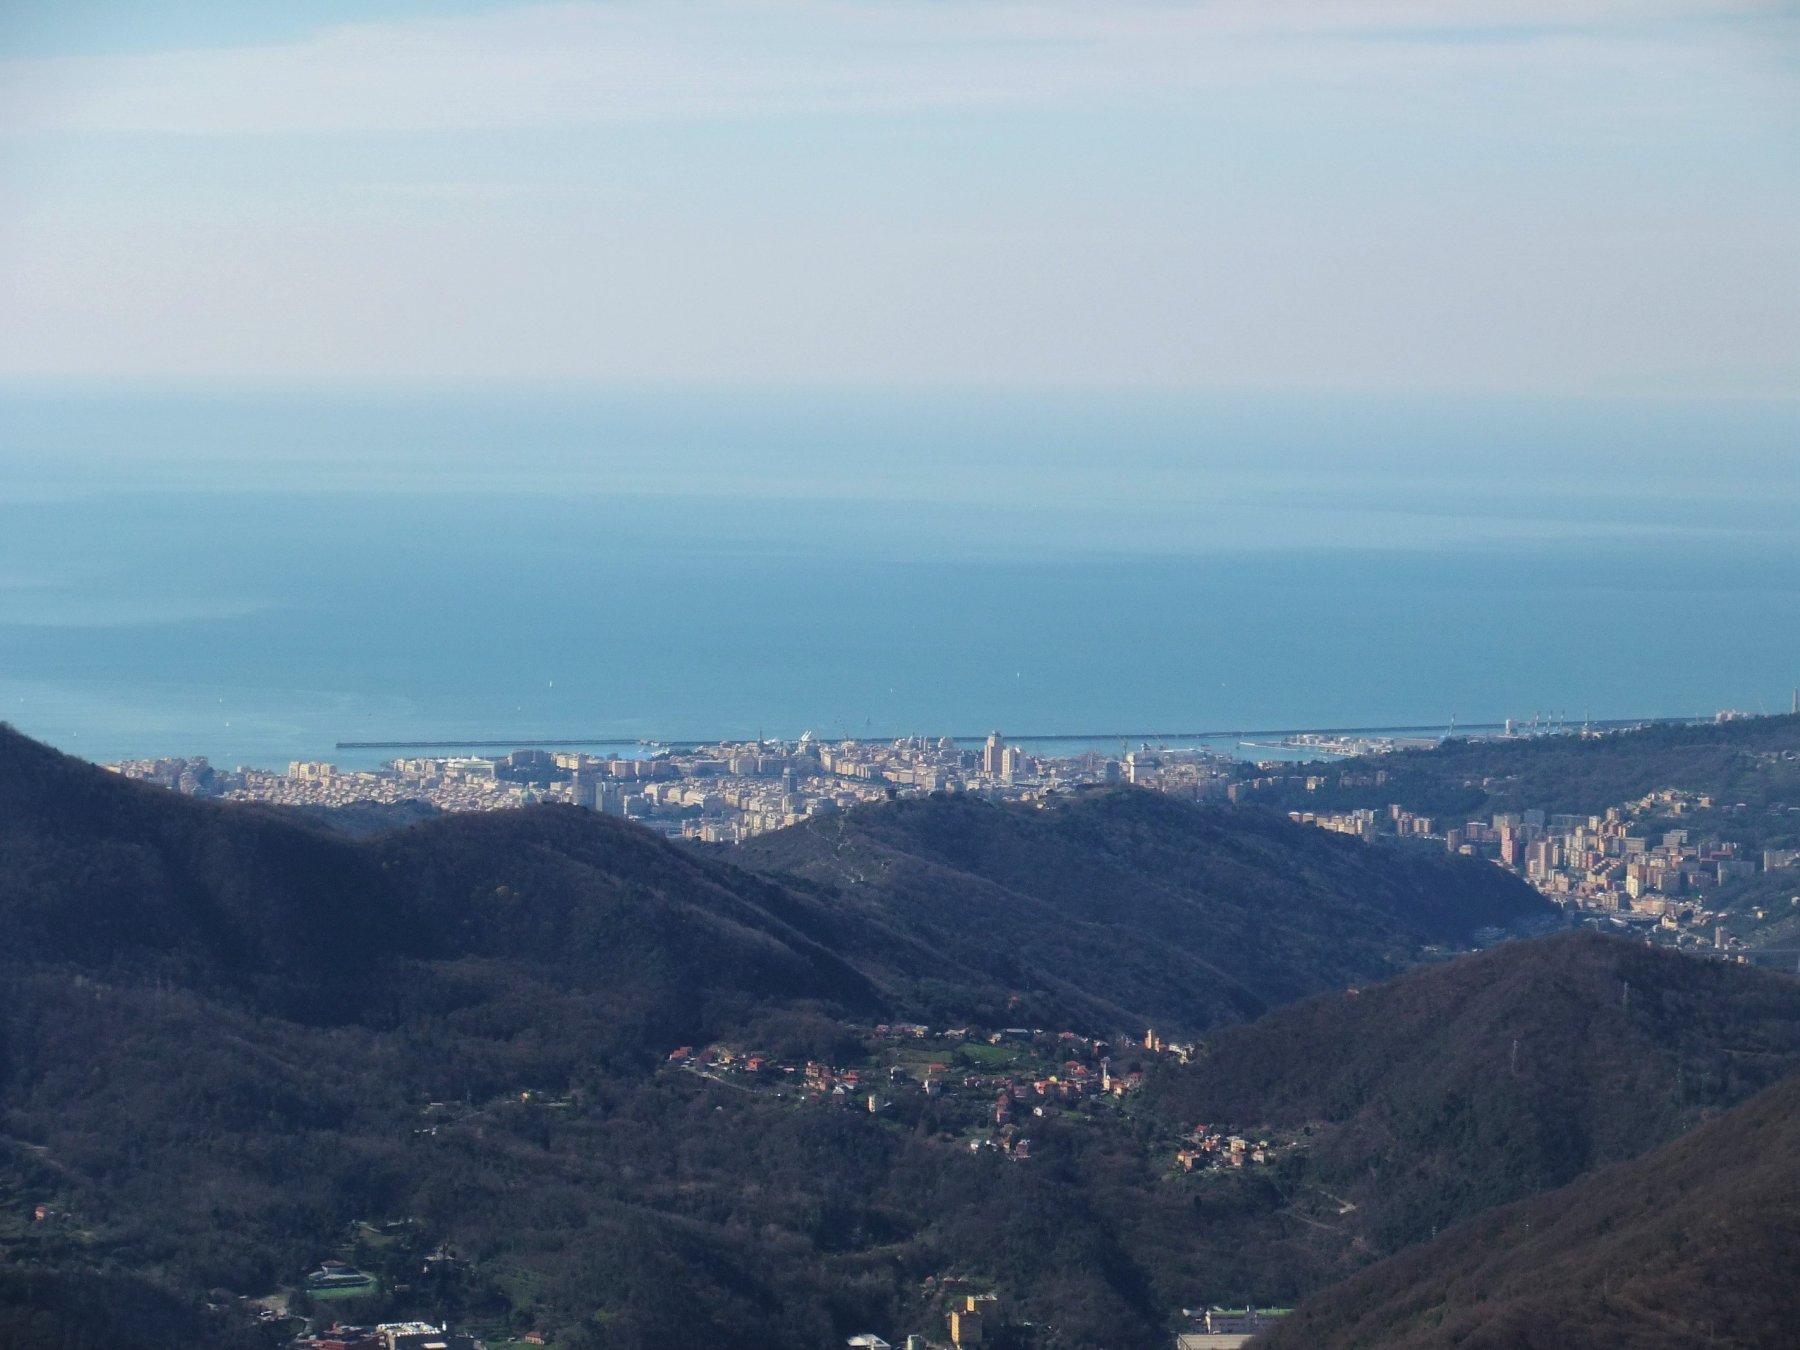 Il centro di Genova dalla vetta